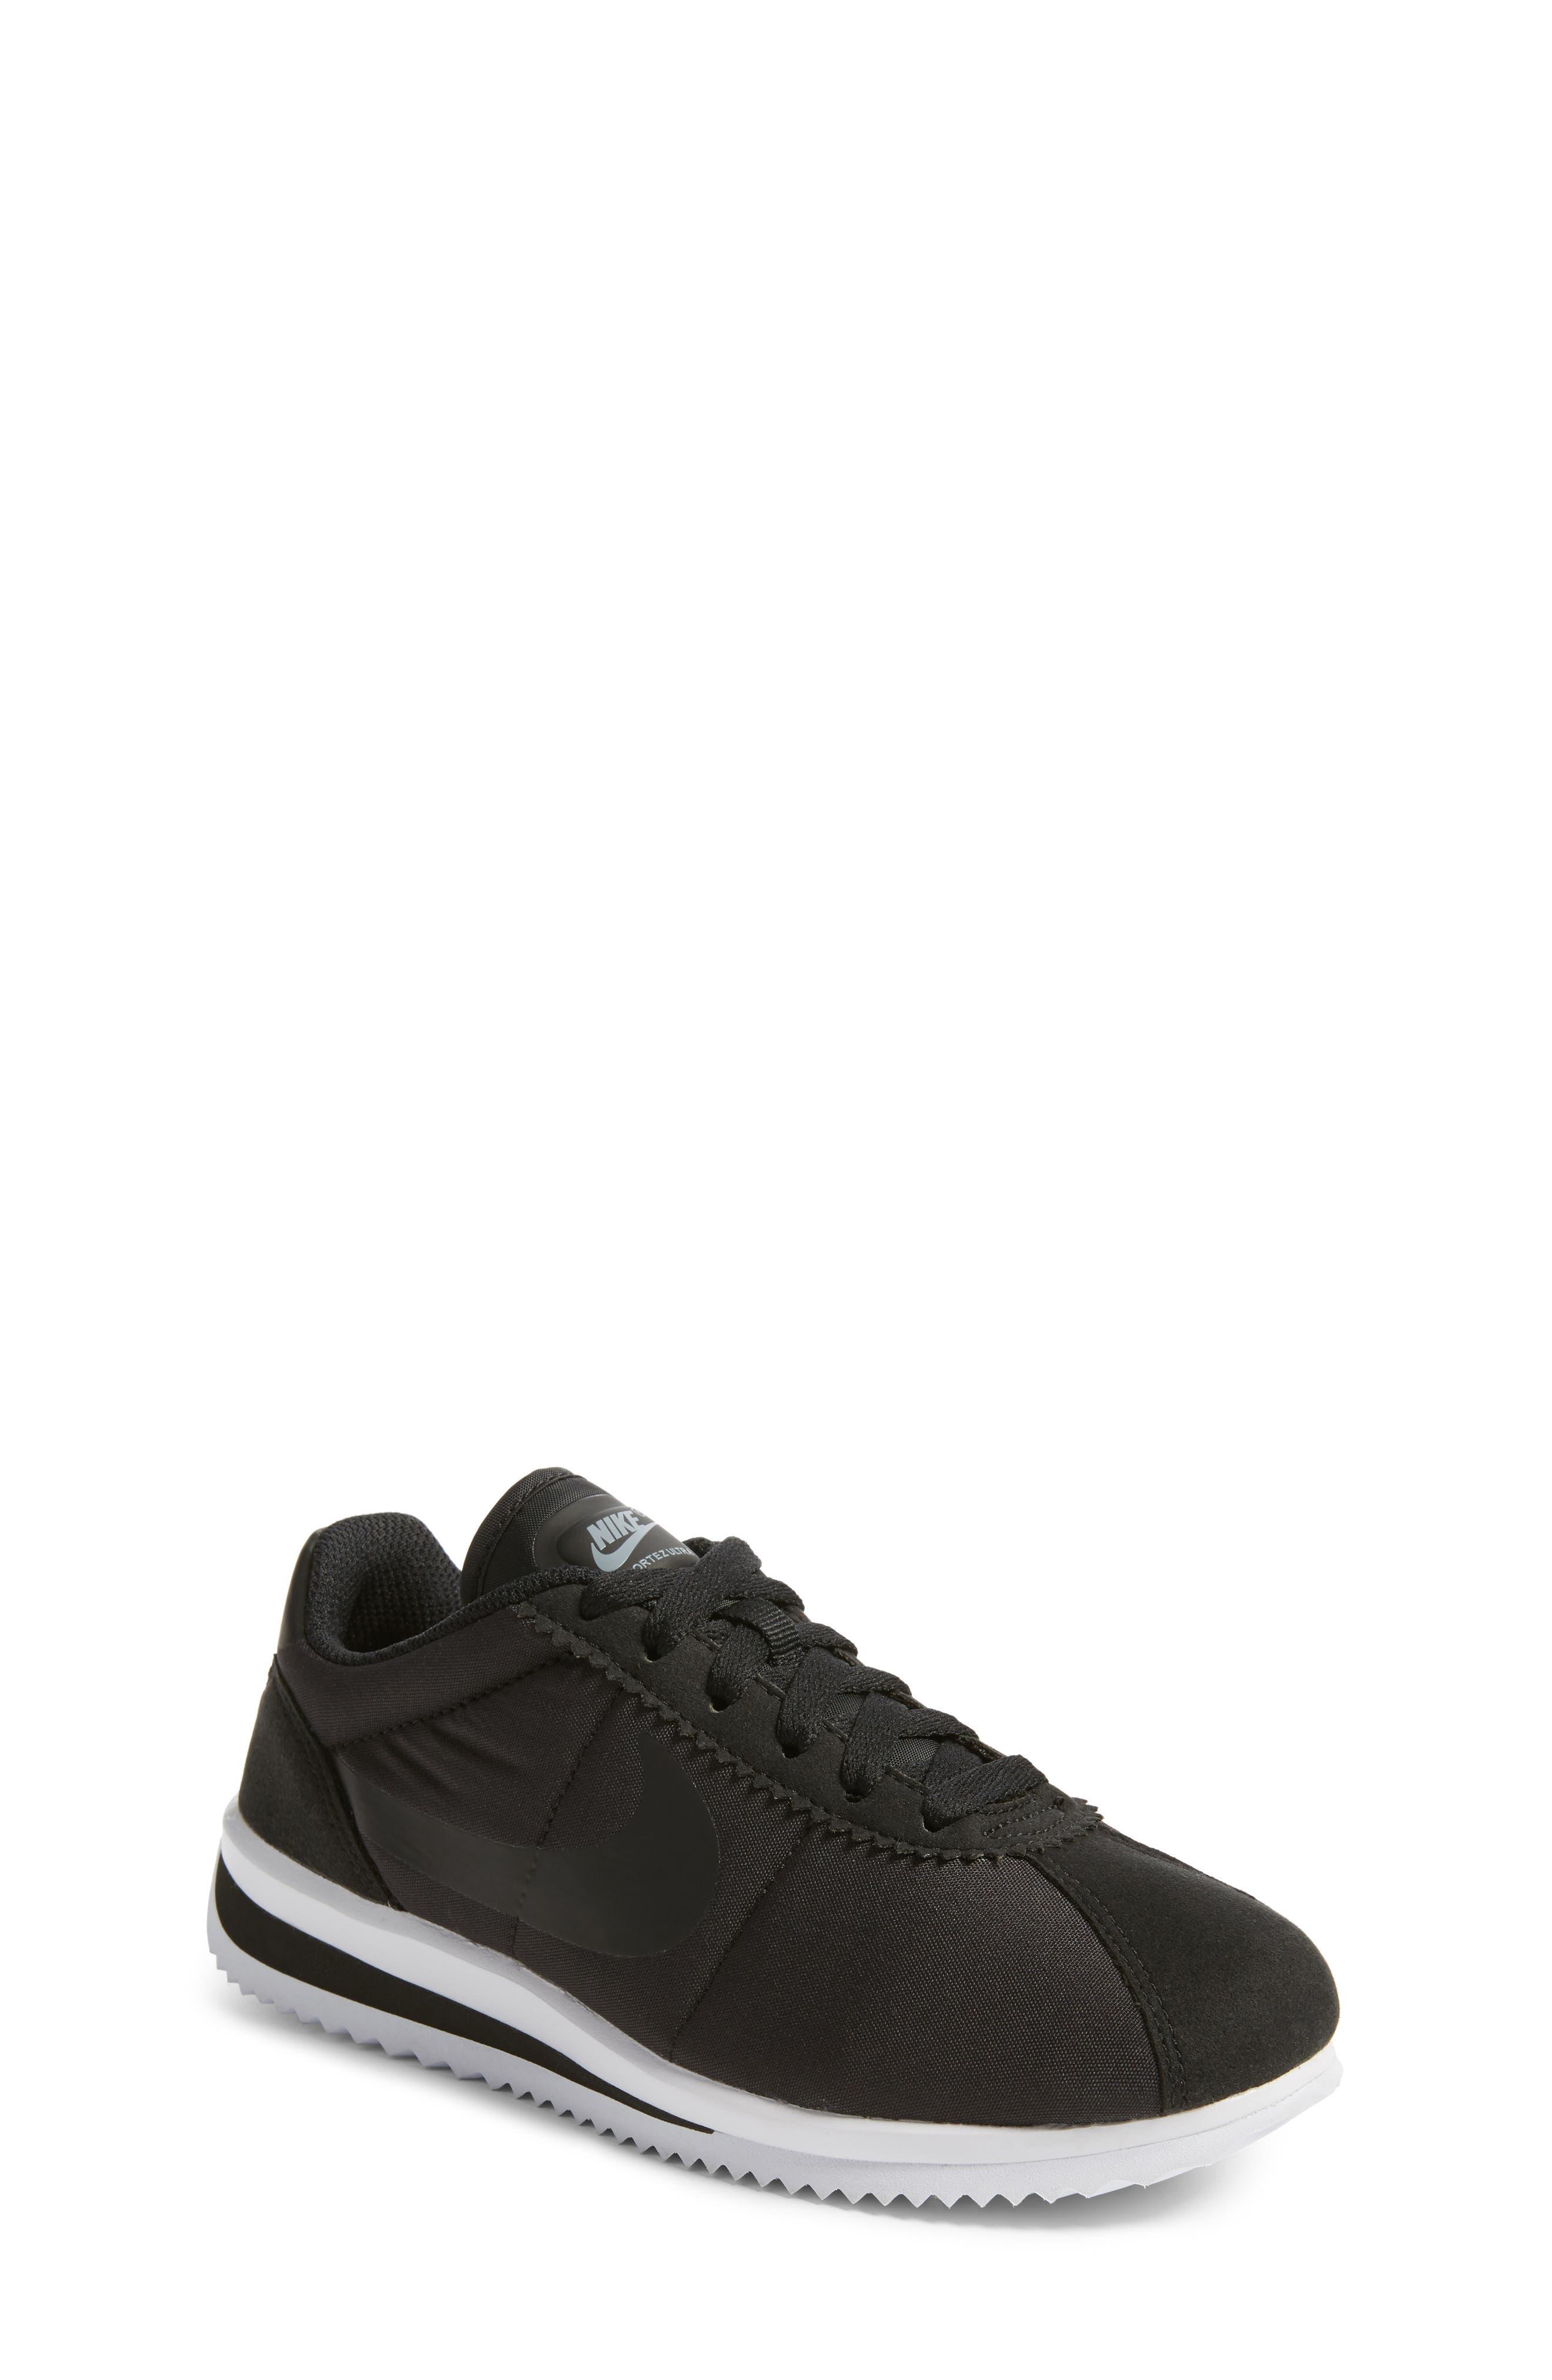 Nike Cortez GS Sneaker (Big Kid)